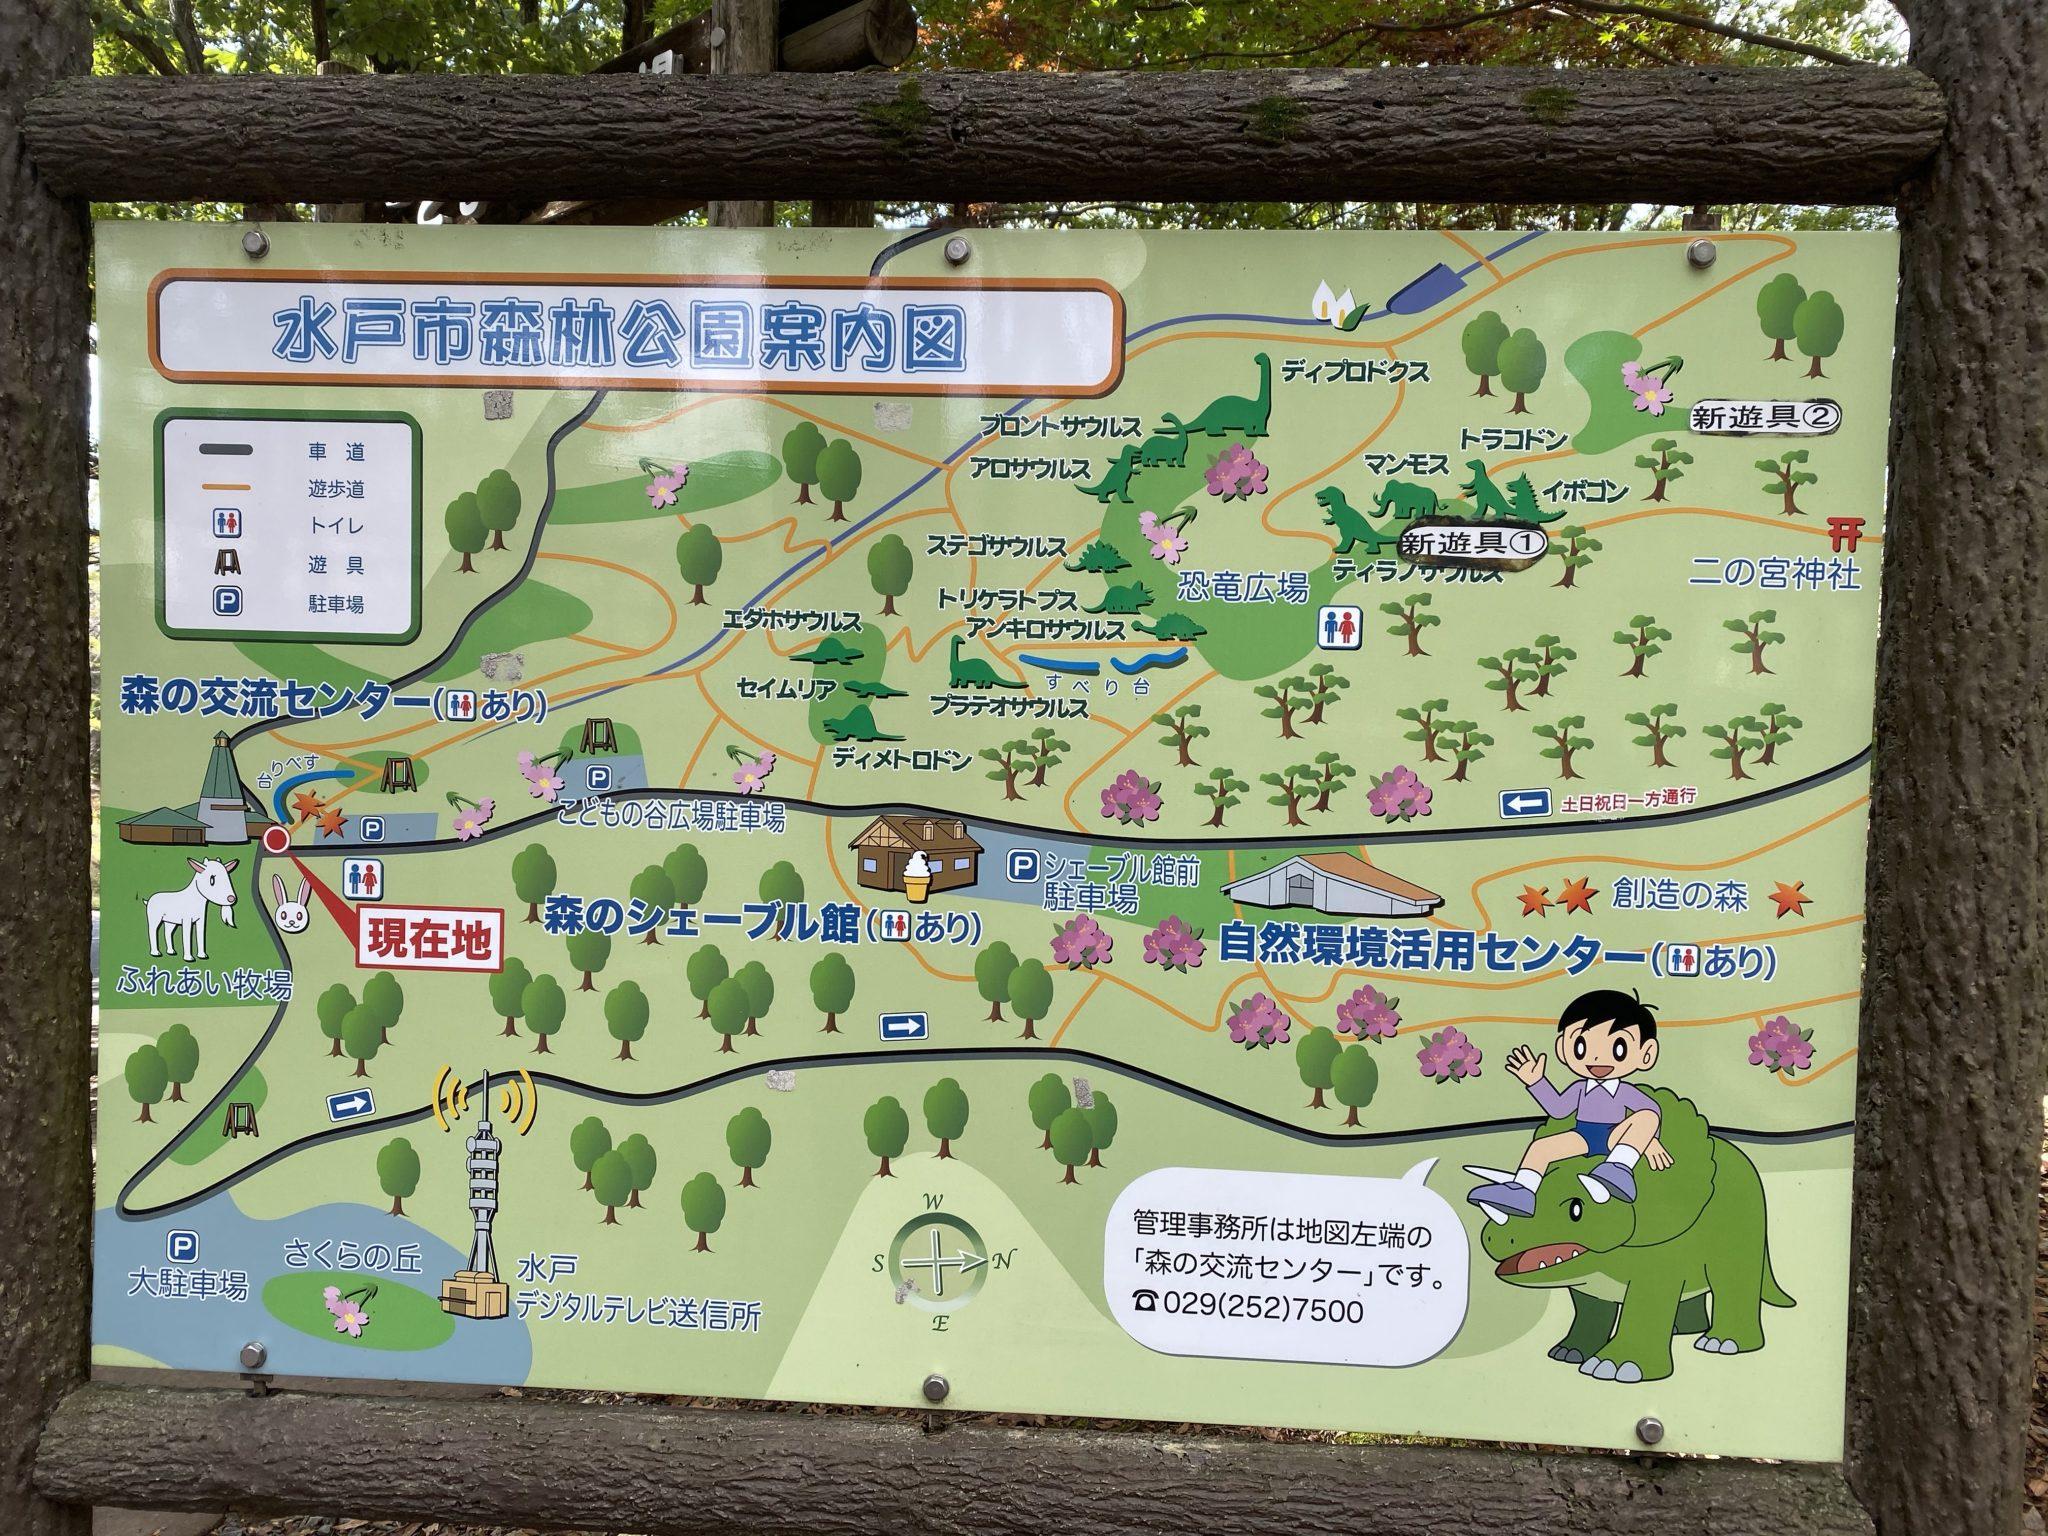 水戸市森林公園案内図